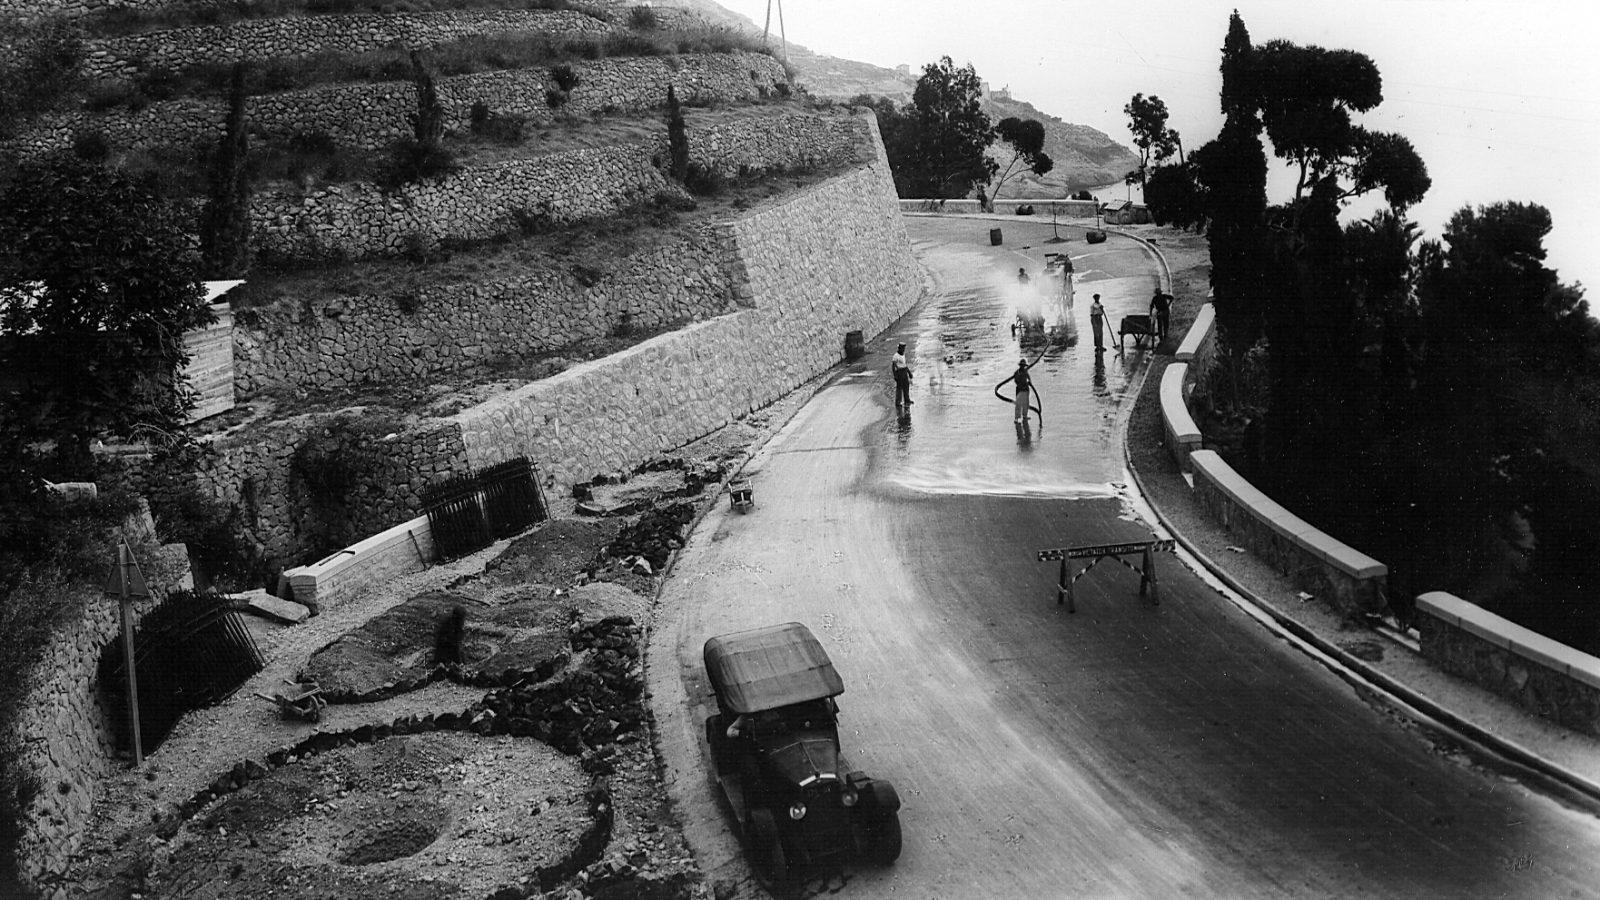 """Strada statale 1 """"Via Aurelia"""", manutenzione e allargamento sede stradale presso Ventimiglia, 1930 (Archivio storico Anas)"""